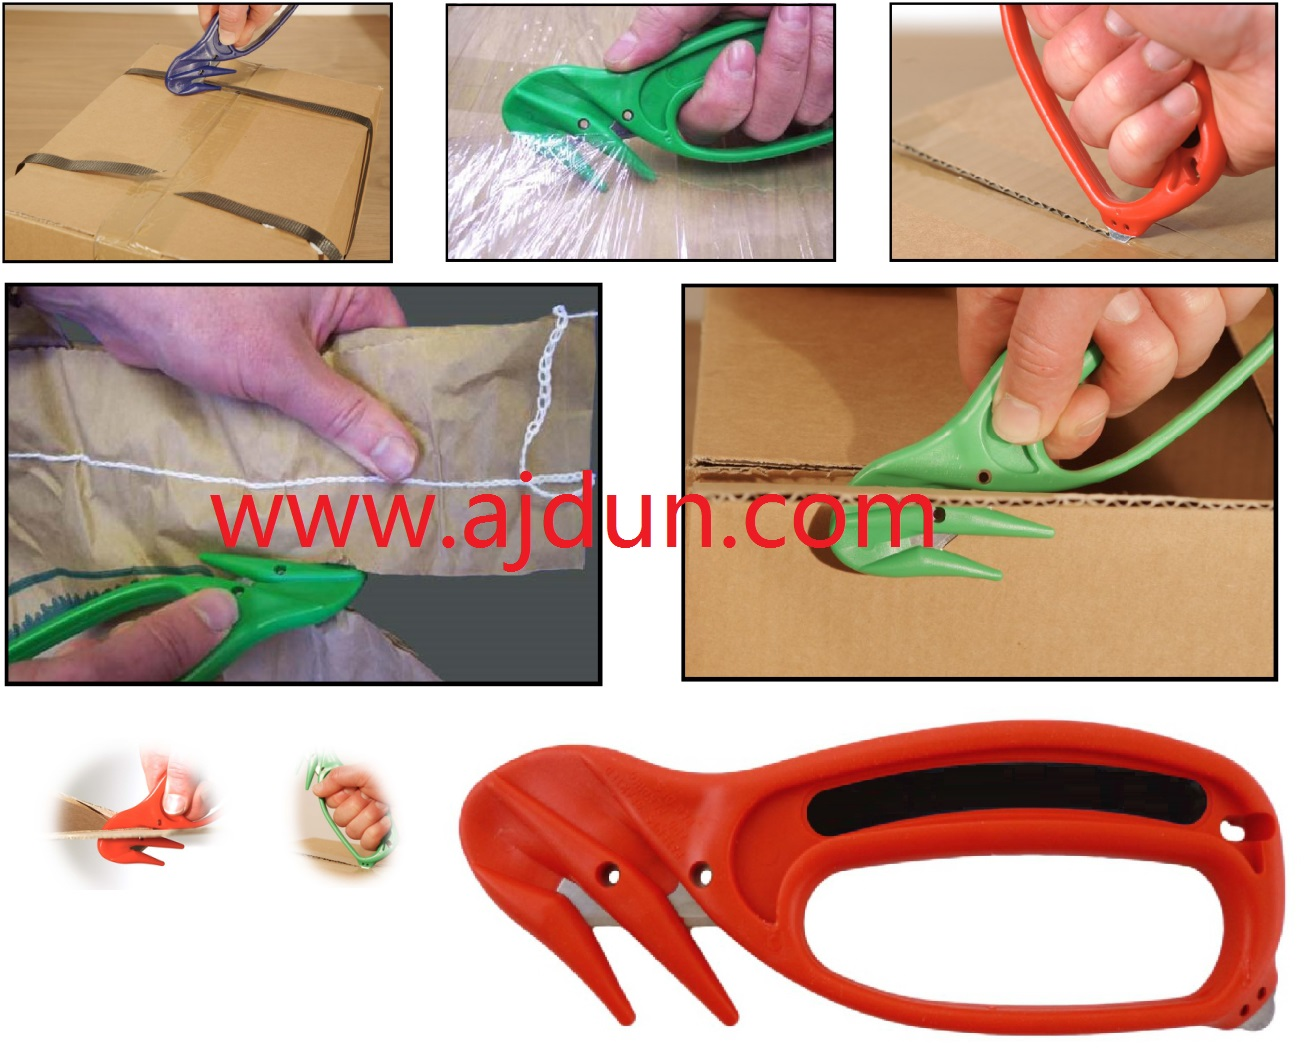 英国fishpenguin900重型双鹰嘴安全刀安全割刀安全开箱刀